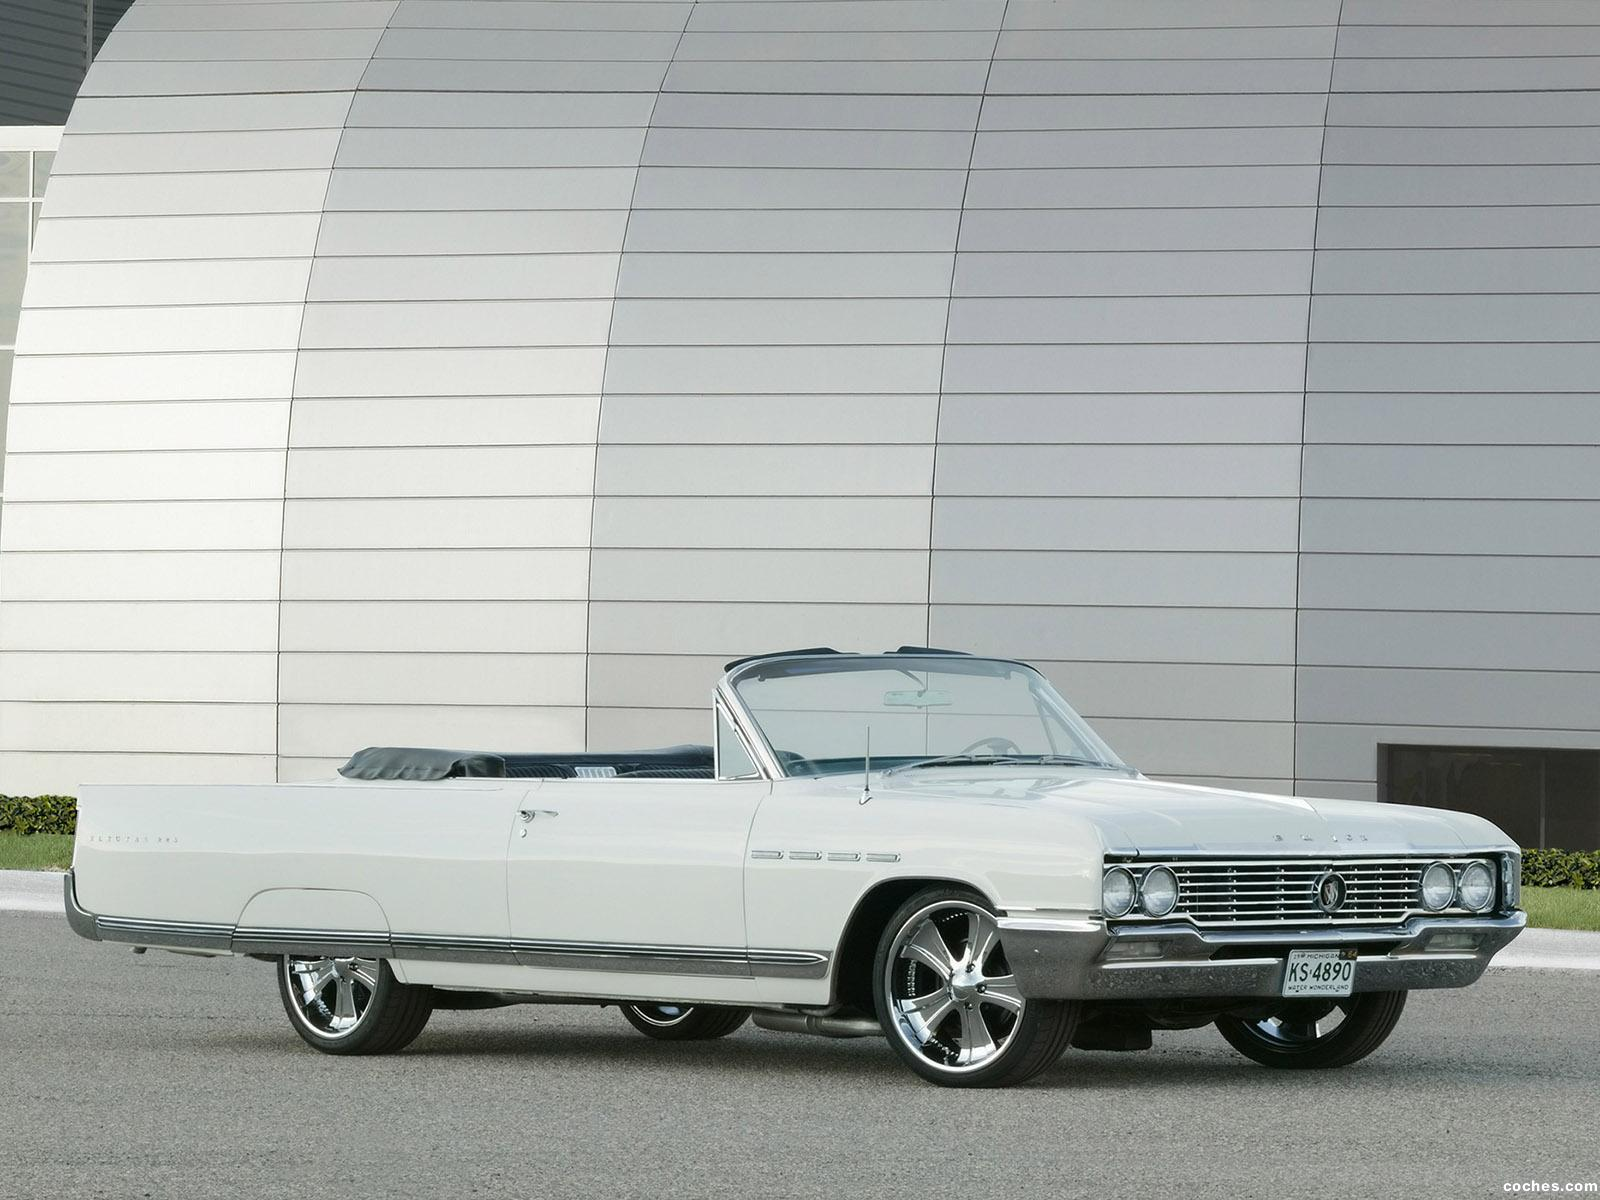 Foto 0 de Buick Electra 225 Convertible Custom 1964